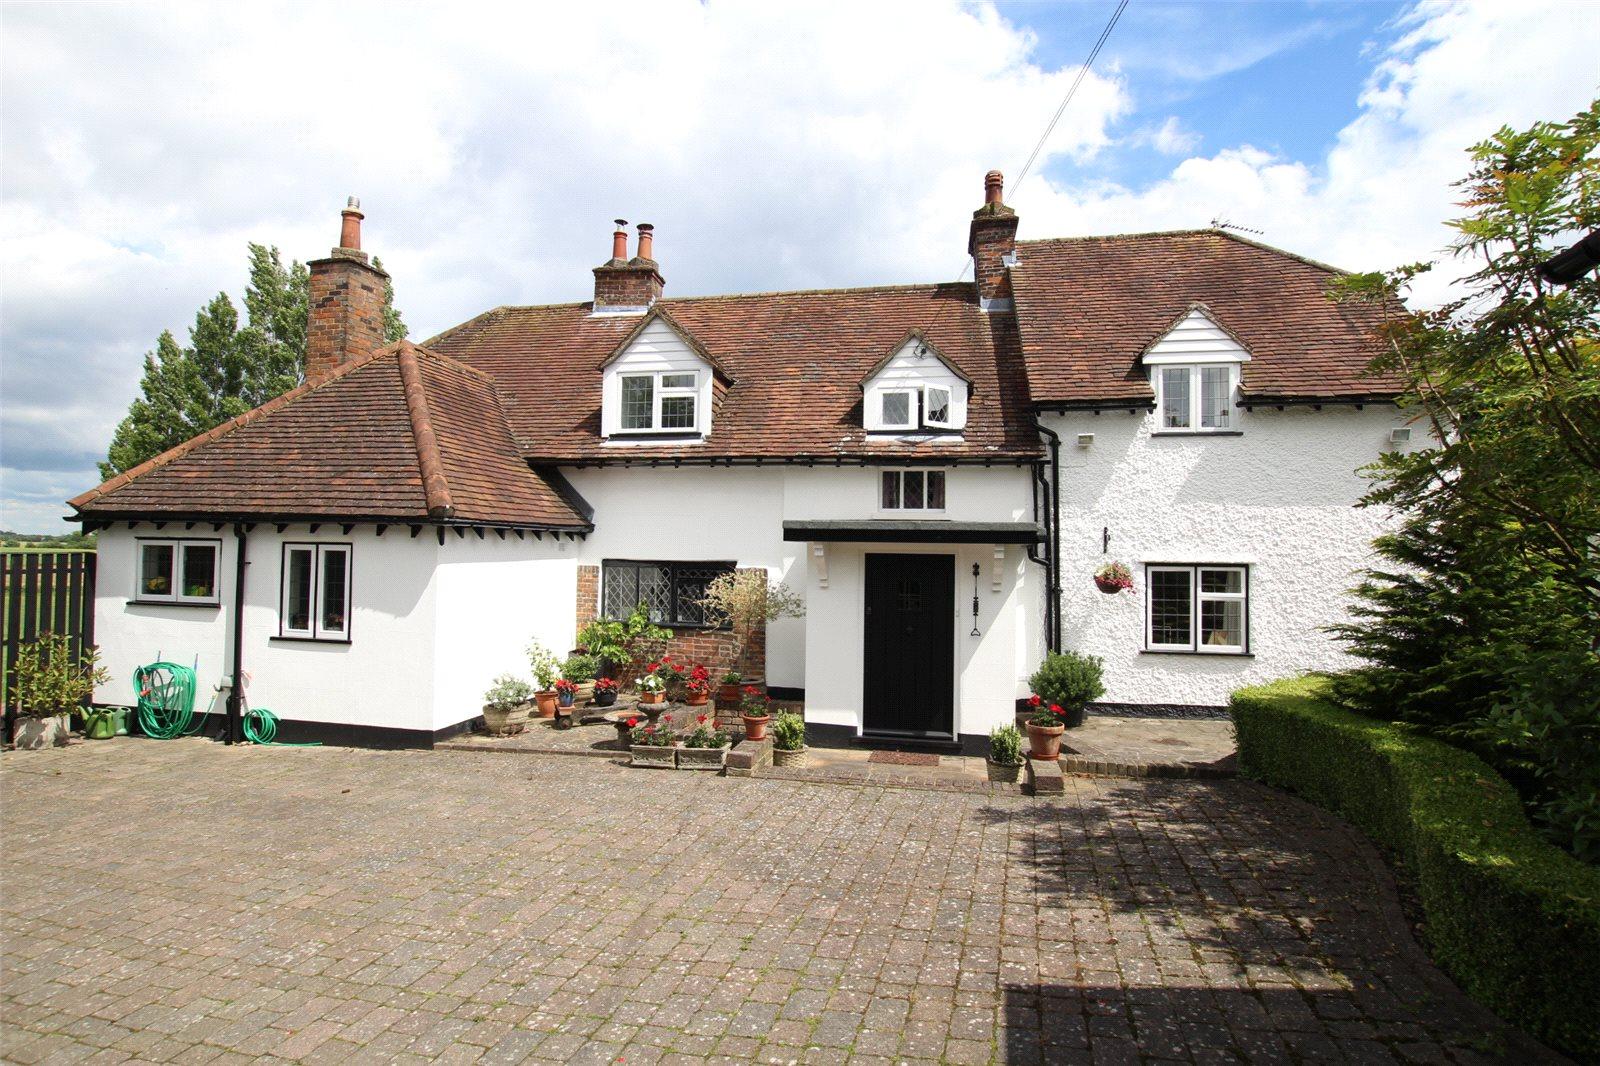 Villa per Vendita alle ore Common Road, Kensworth, Bedfordshire, LU6 Kensworth, Inghilterra